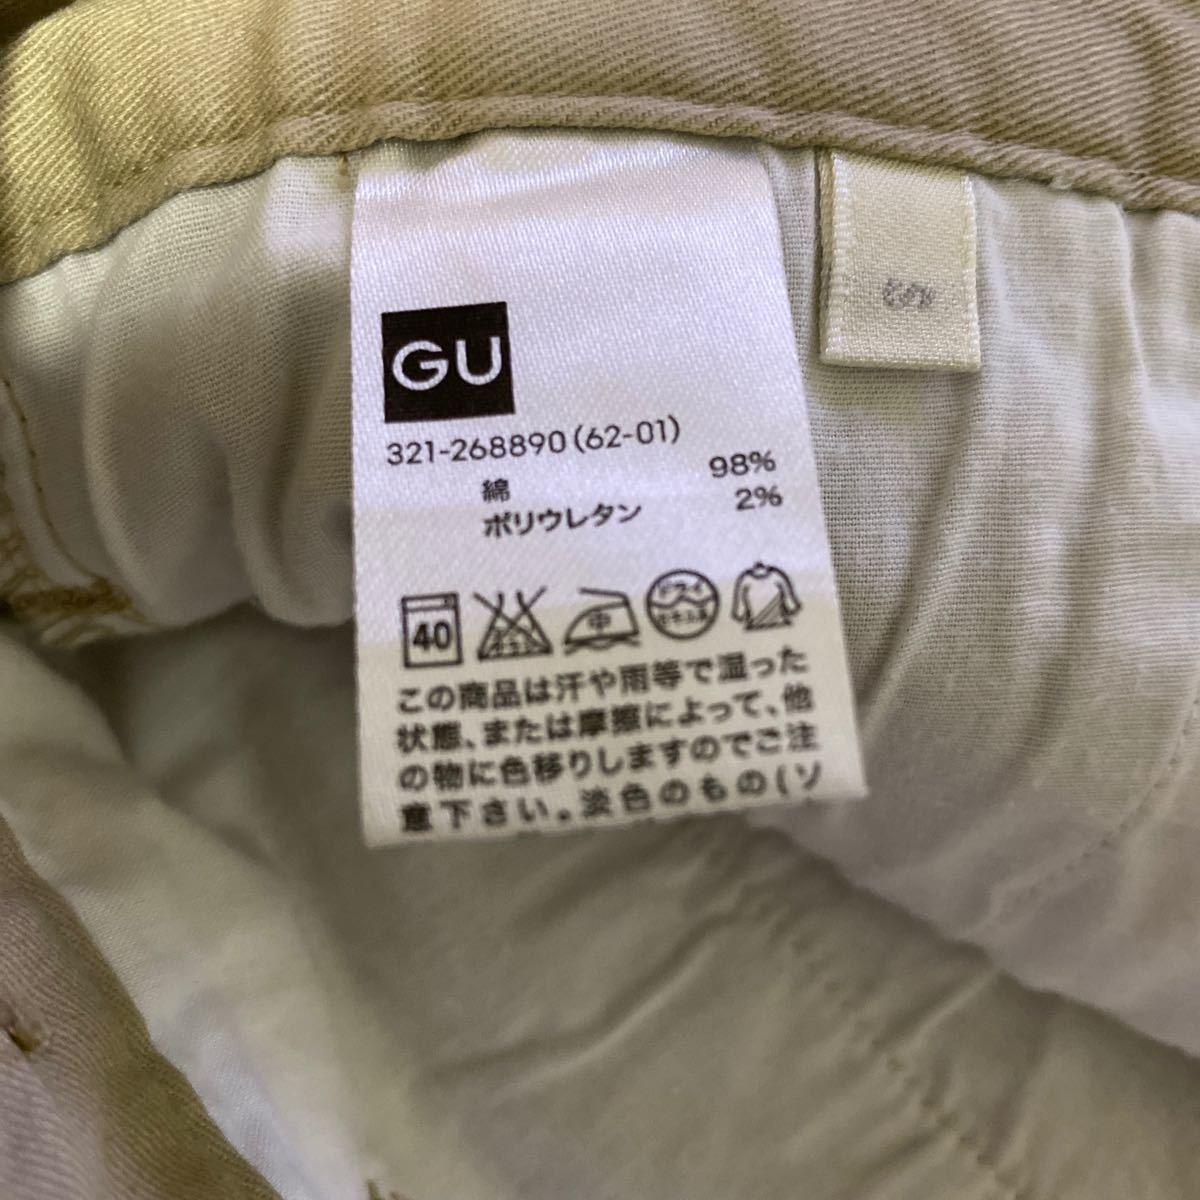 ショートパンツ ハーフパンツ gu GU サイズ s S 短パン ジーユー